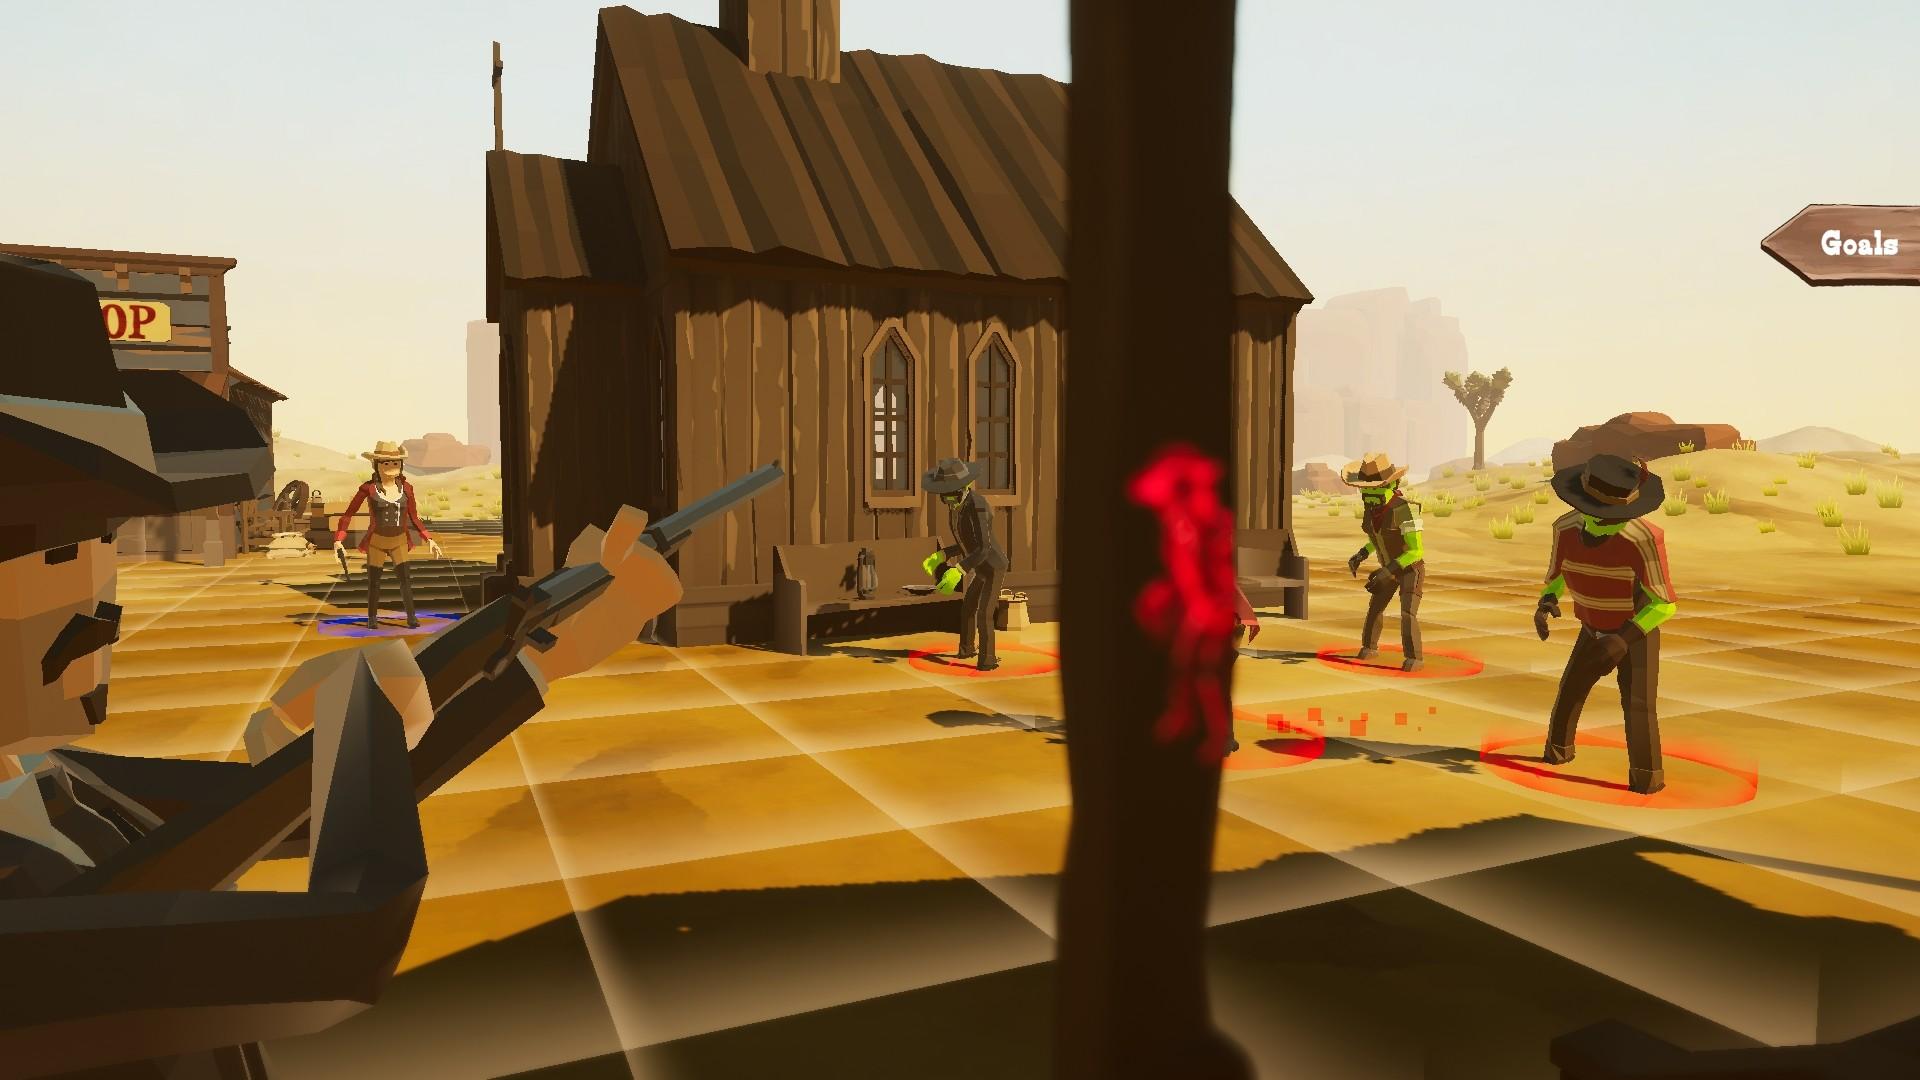 [百度云网盘]PC《神枪手大战僵尸(Gunslingers & Zombies)》v15.01.2021中文下载